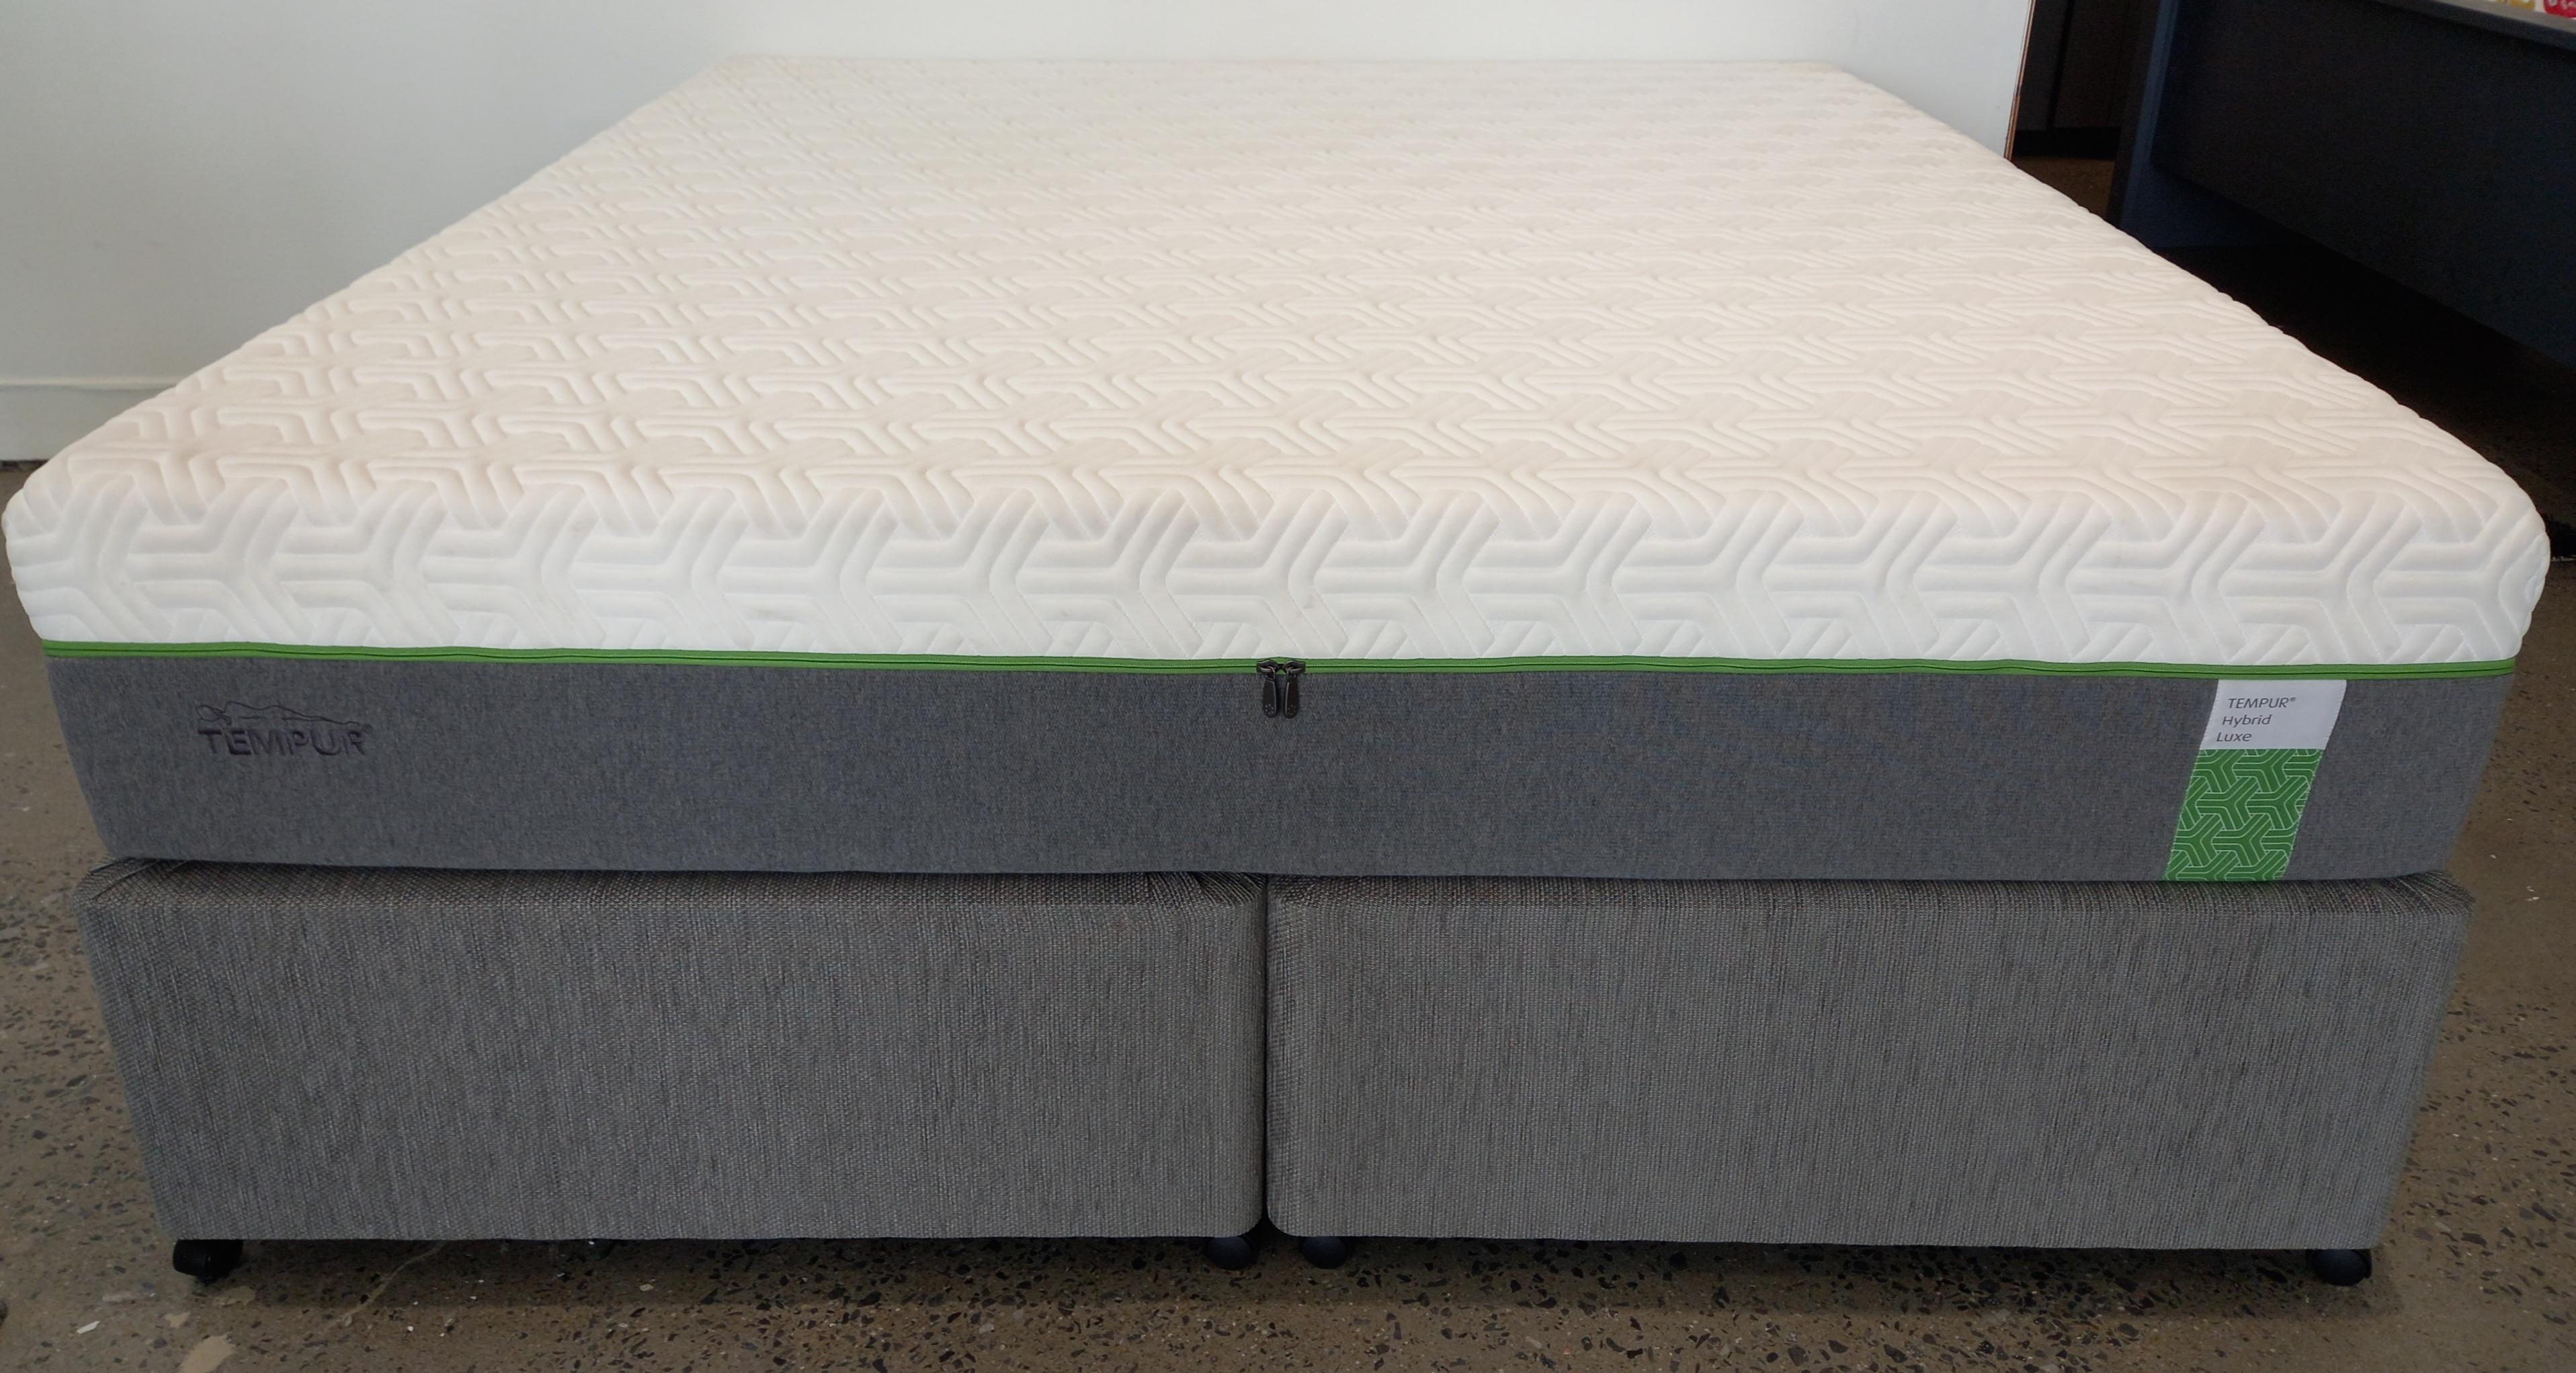 Tempur Hybrid Luxe Mattress + Base (6ft)